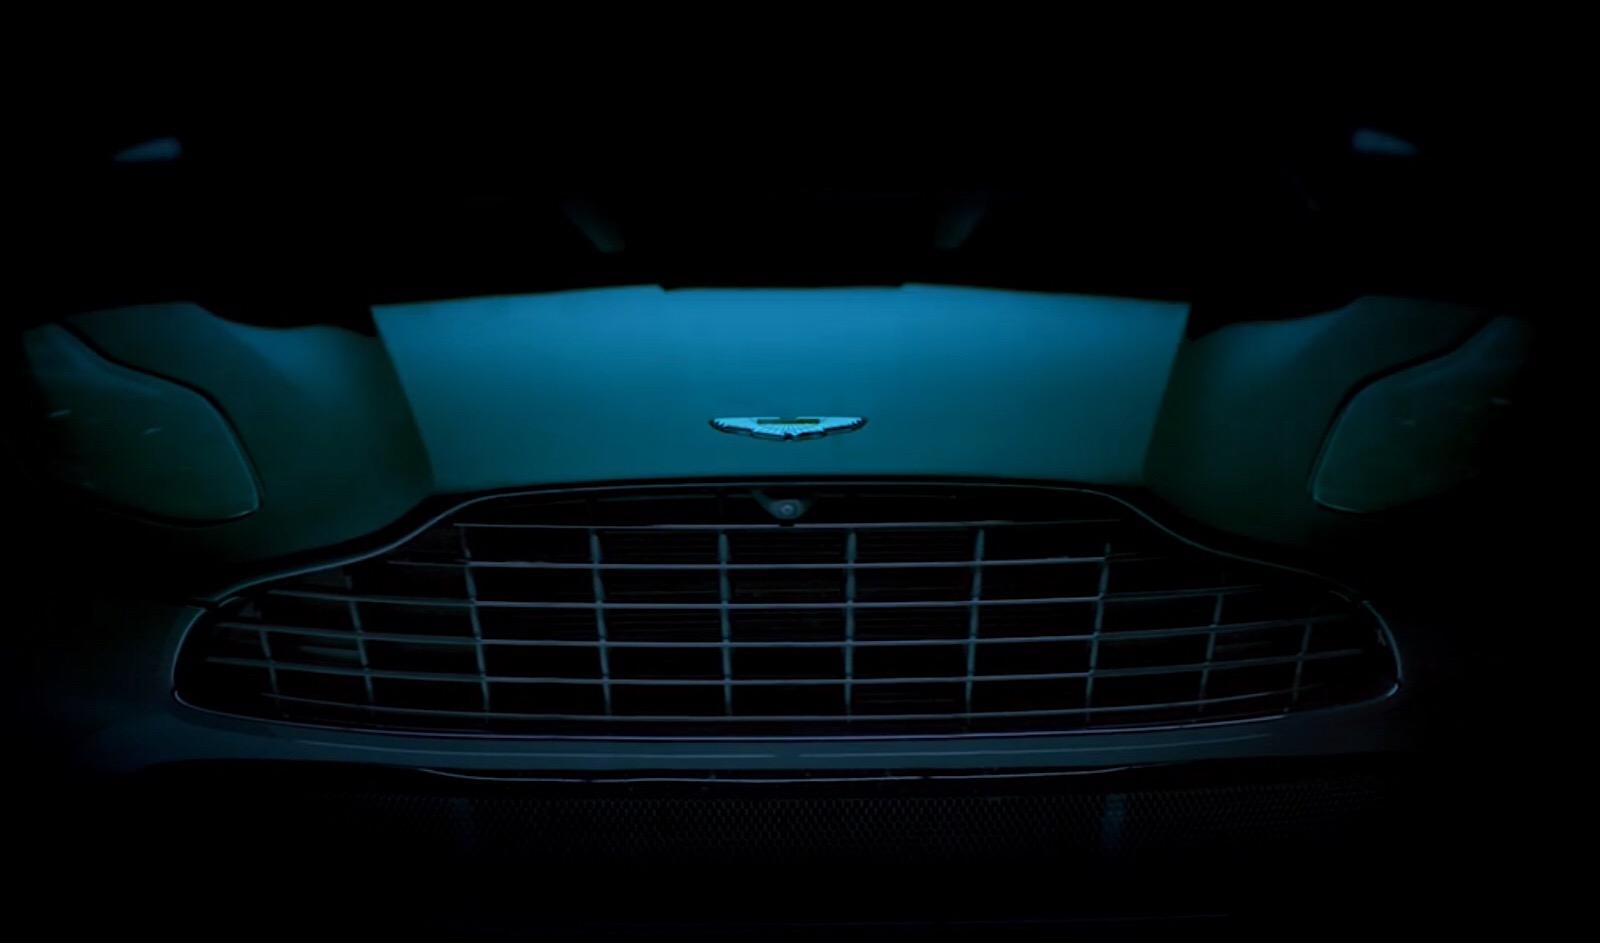 Aston Martin DBX показали на новом видео в стиле Бондианы